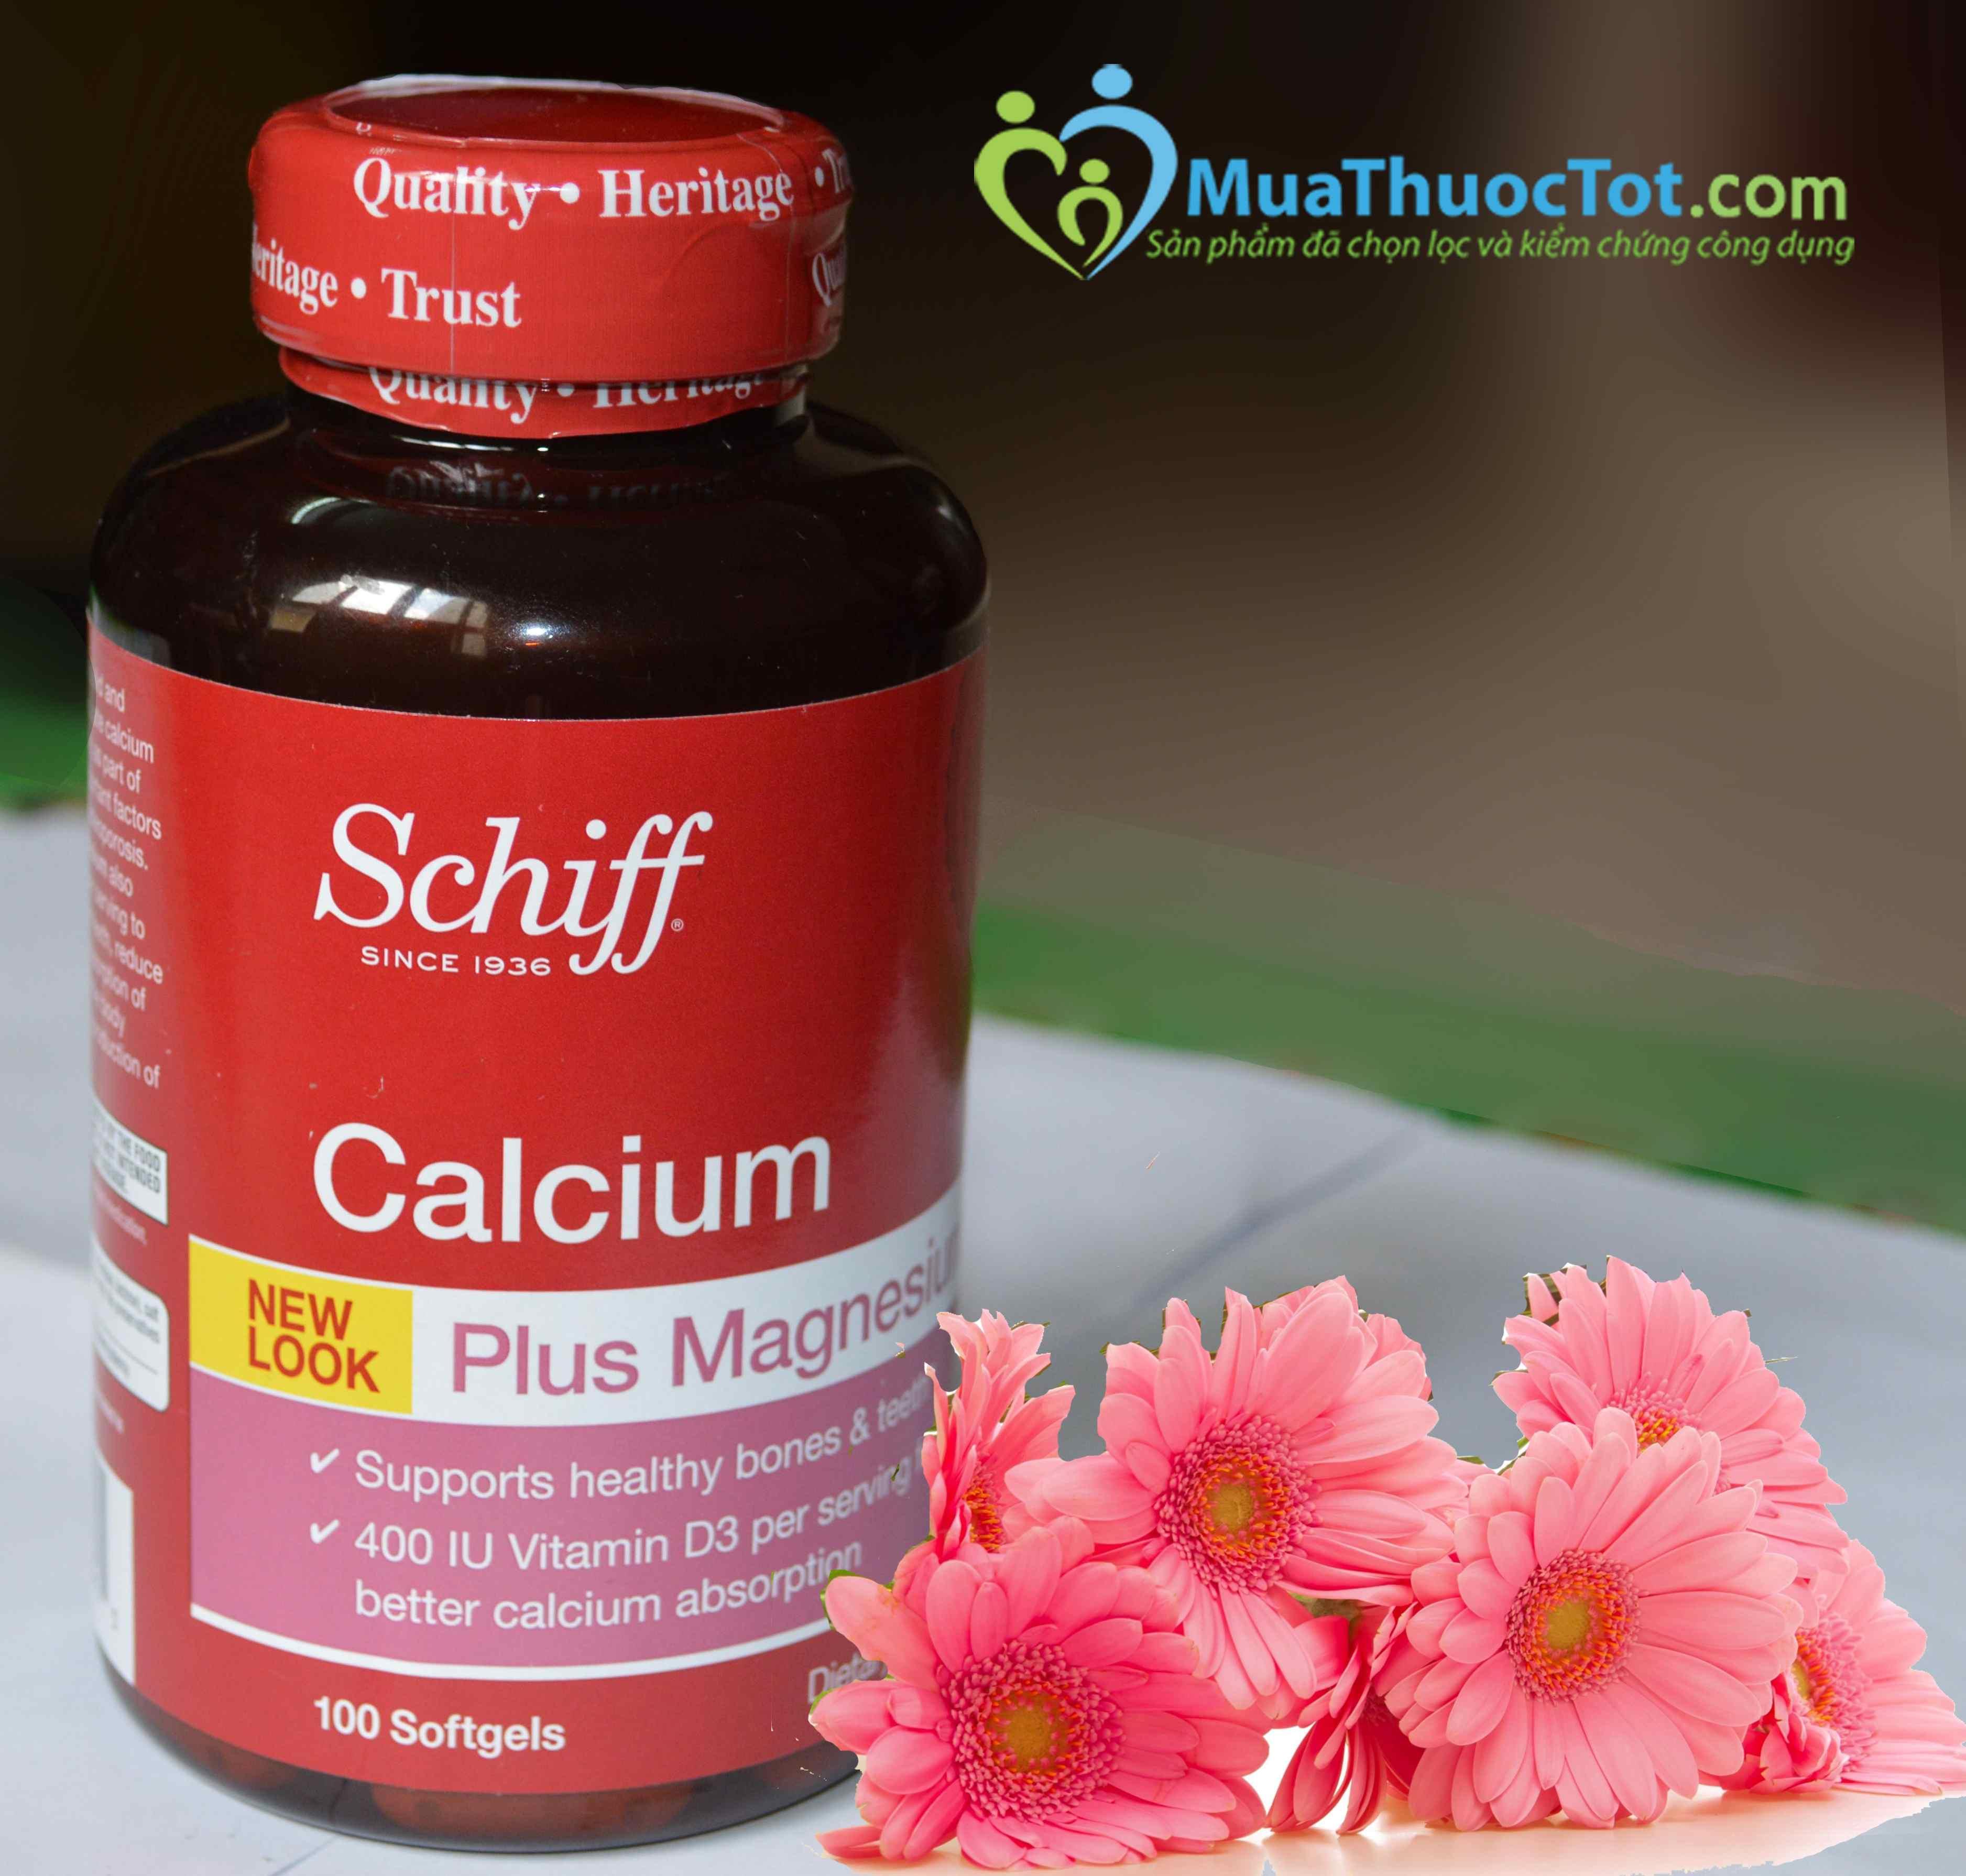 Schiff Calcium cung cấp calcium cần thiết ho xương khớp khỏa mạnh